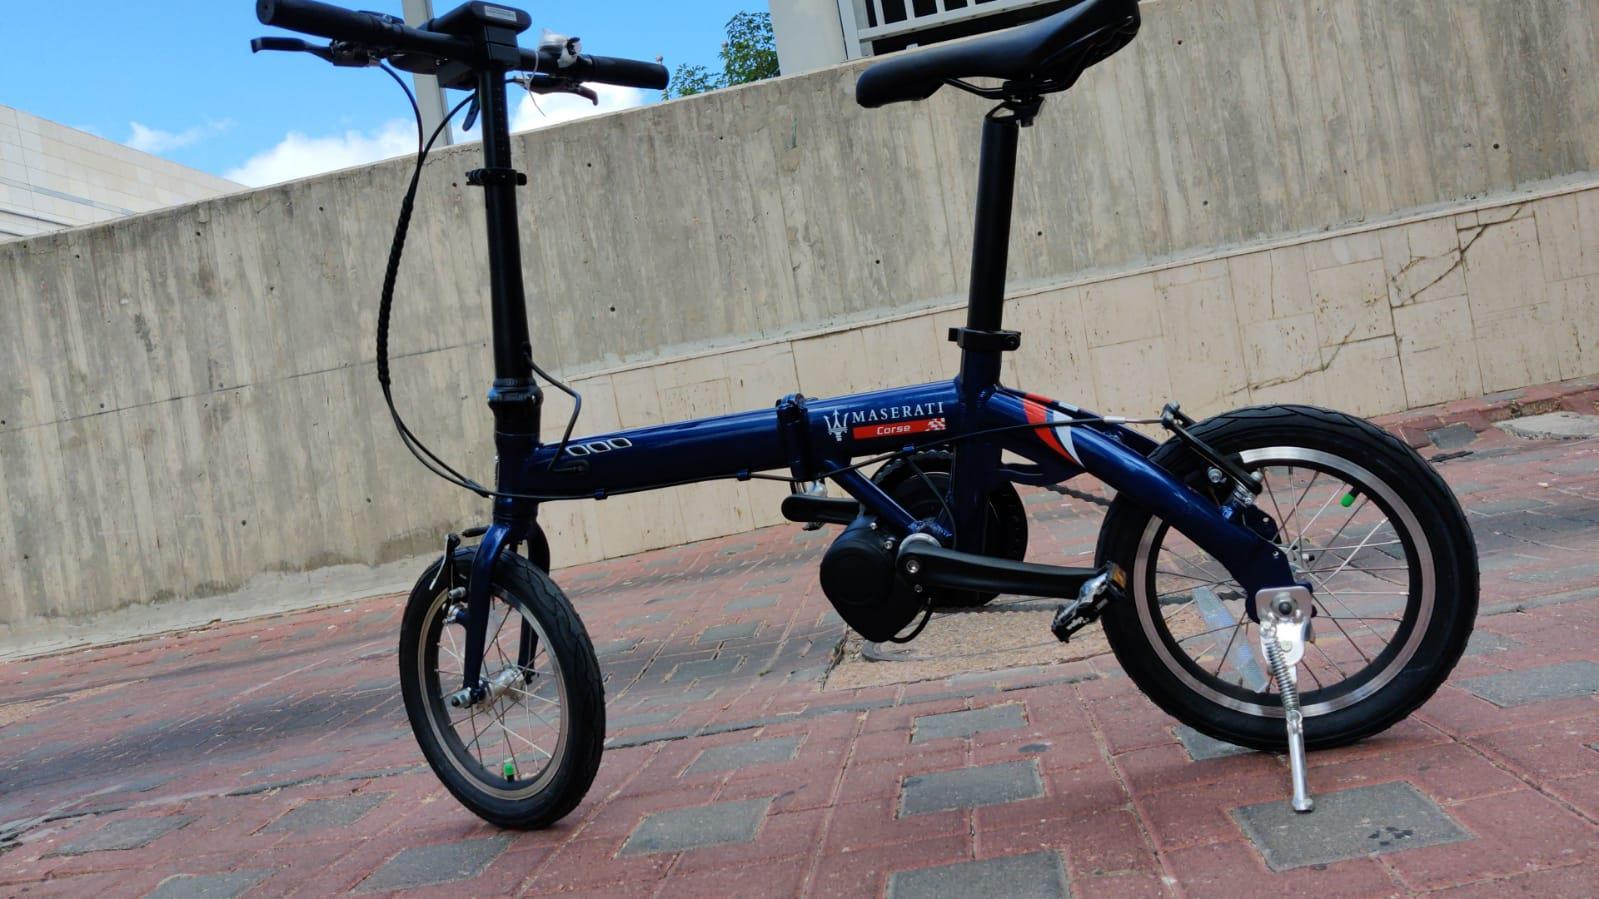 איפה ניתן למצוא אופניים חשמליים לילדים בני 12?